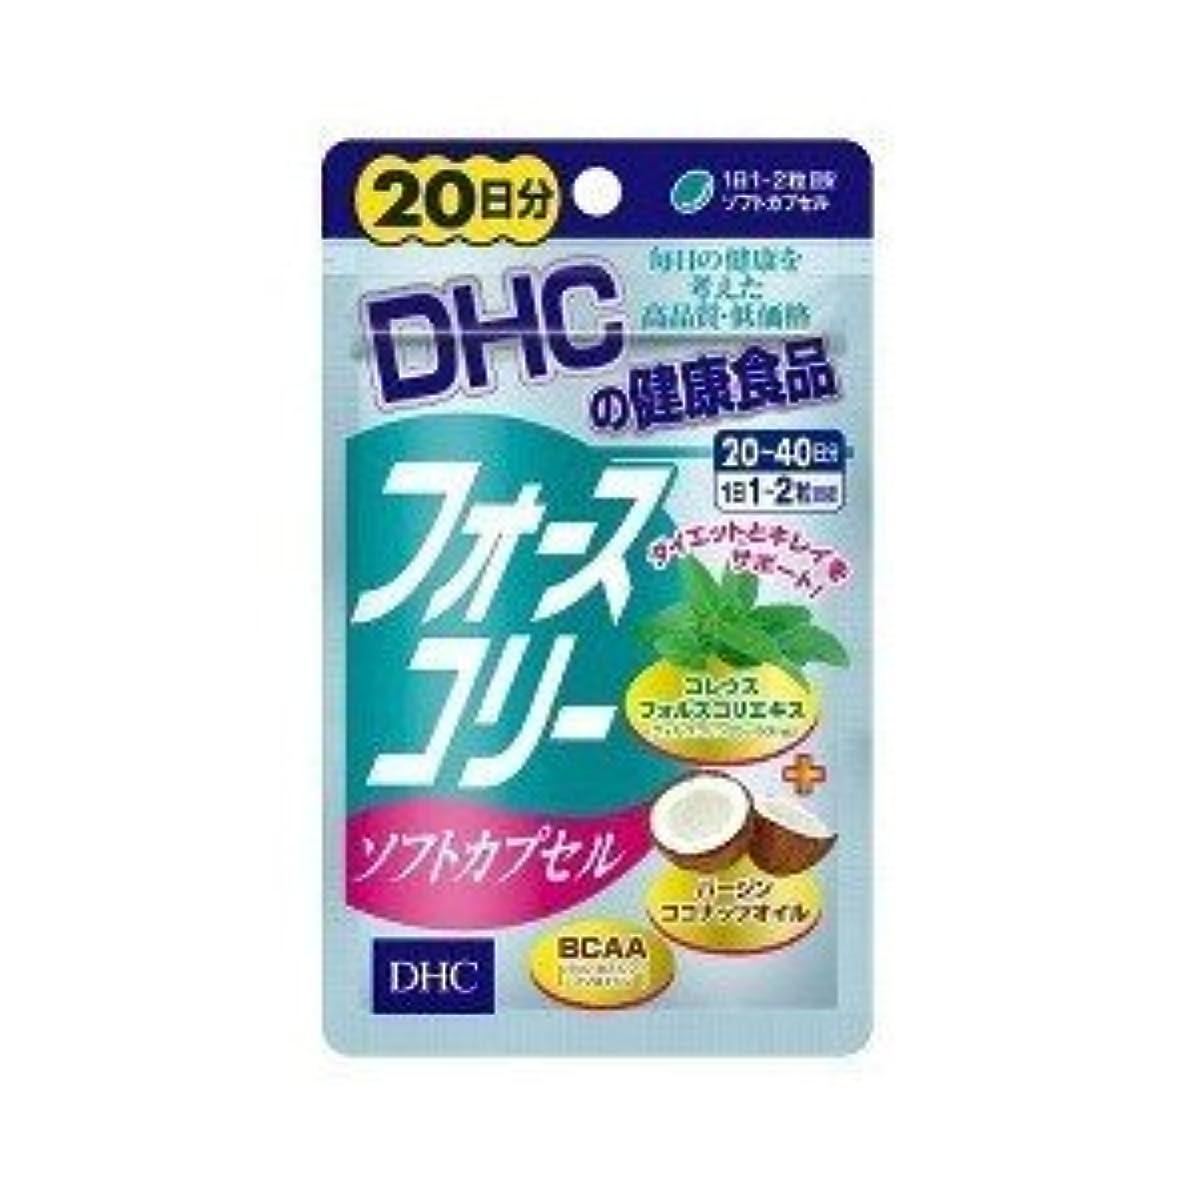 海港計算酸っぱい(2017年春の新商品)DHC フォースコリー ソフトカプセル 20日分 40粒